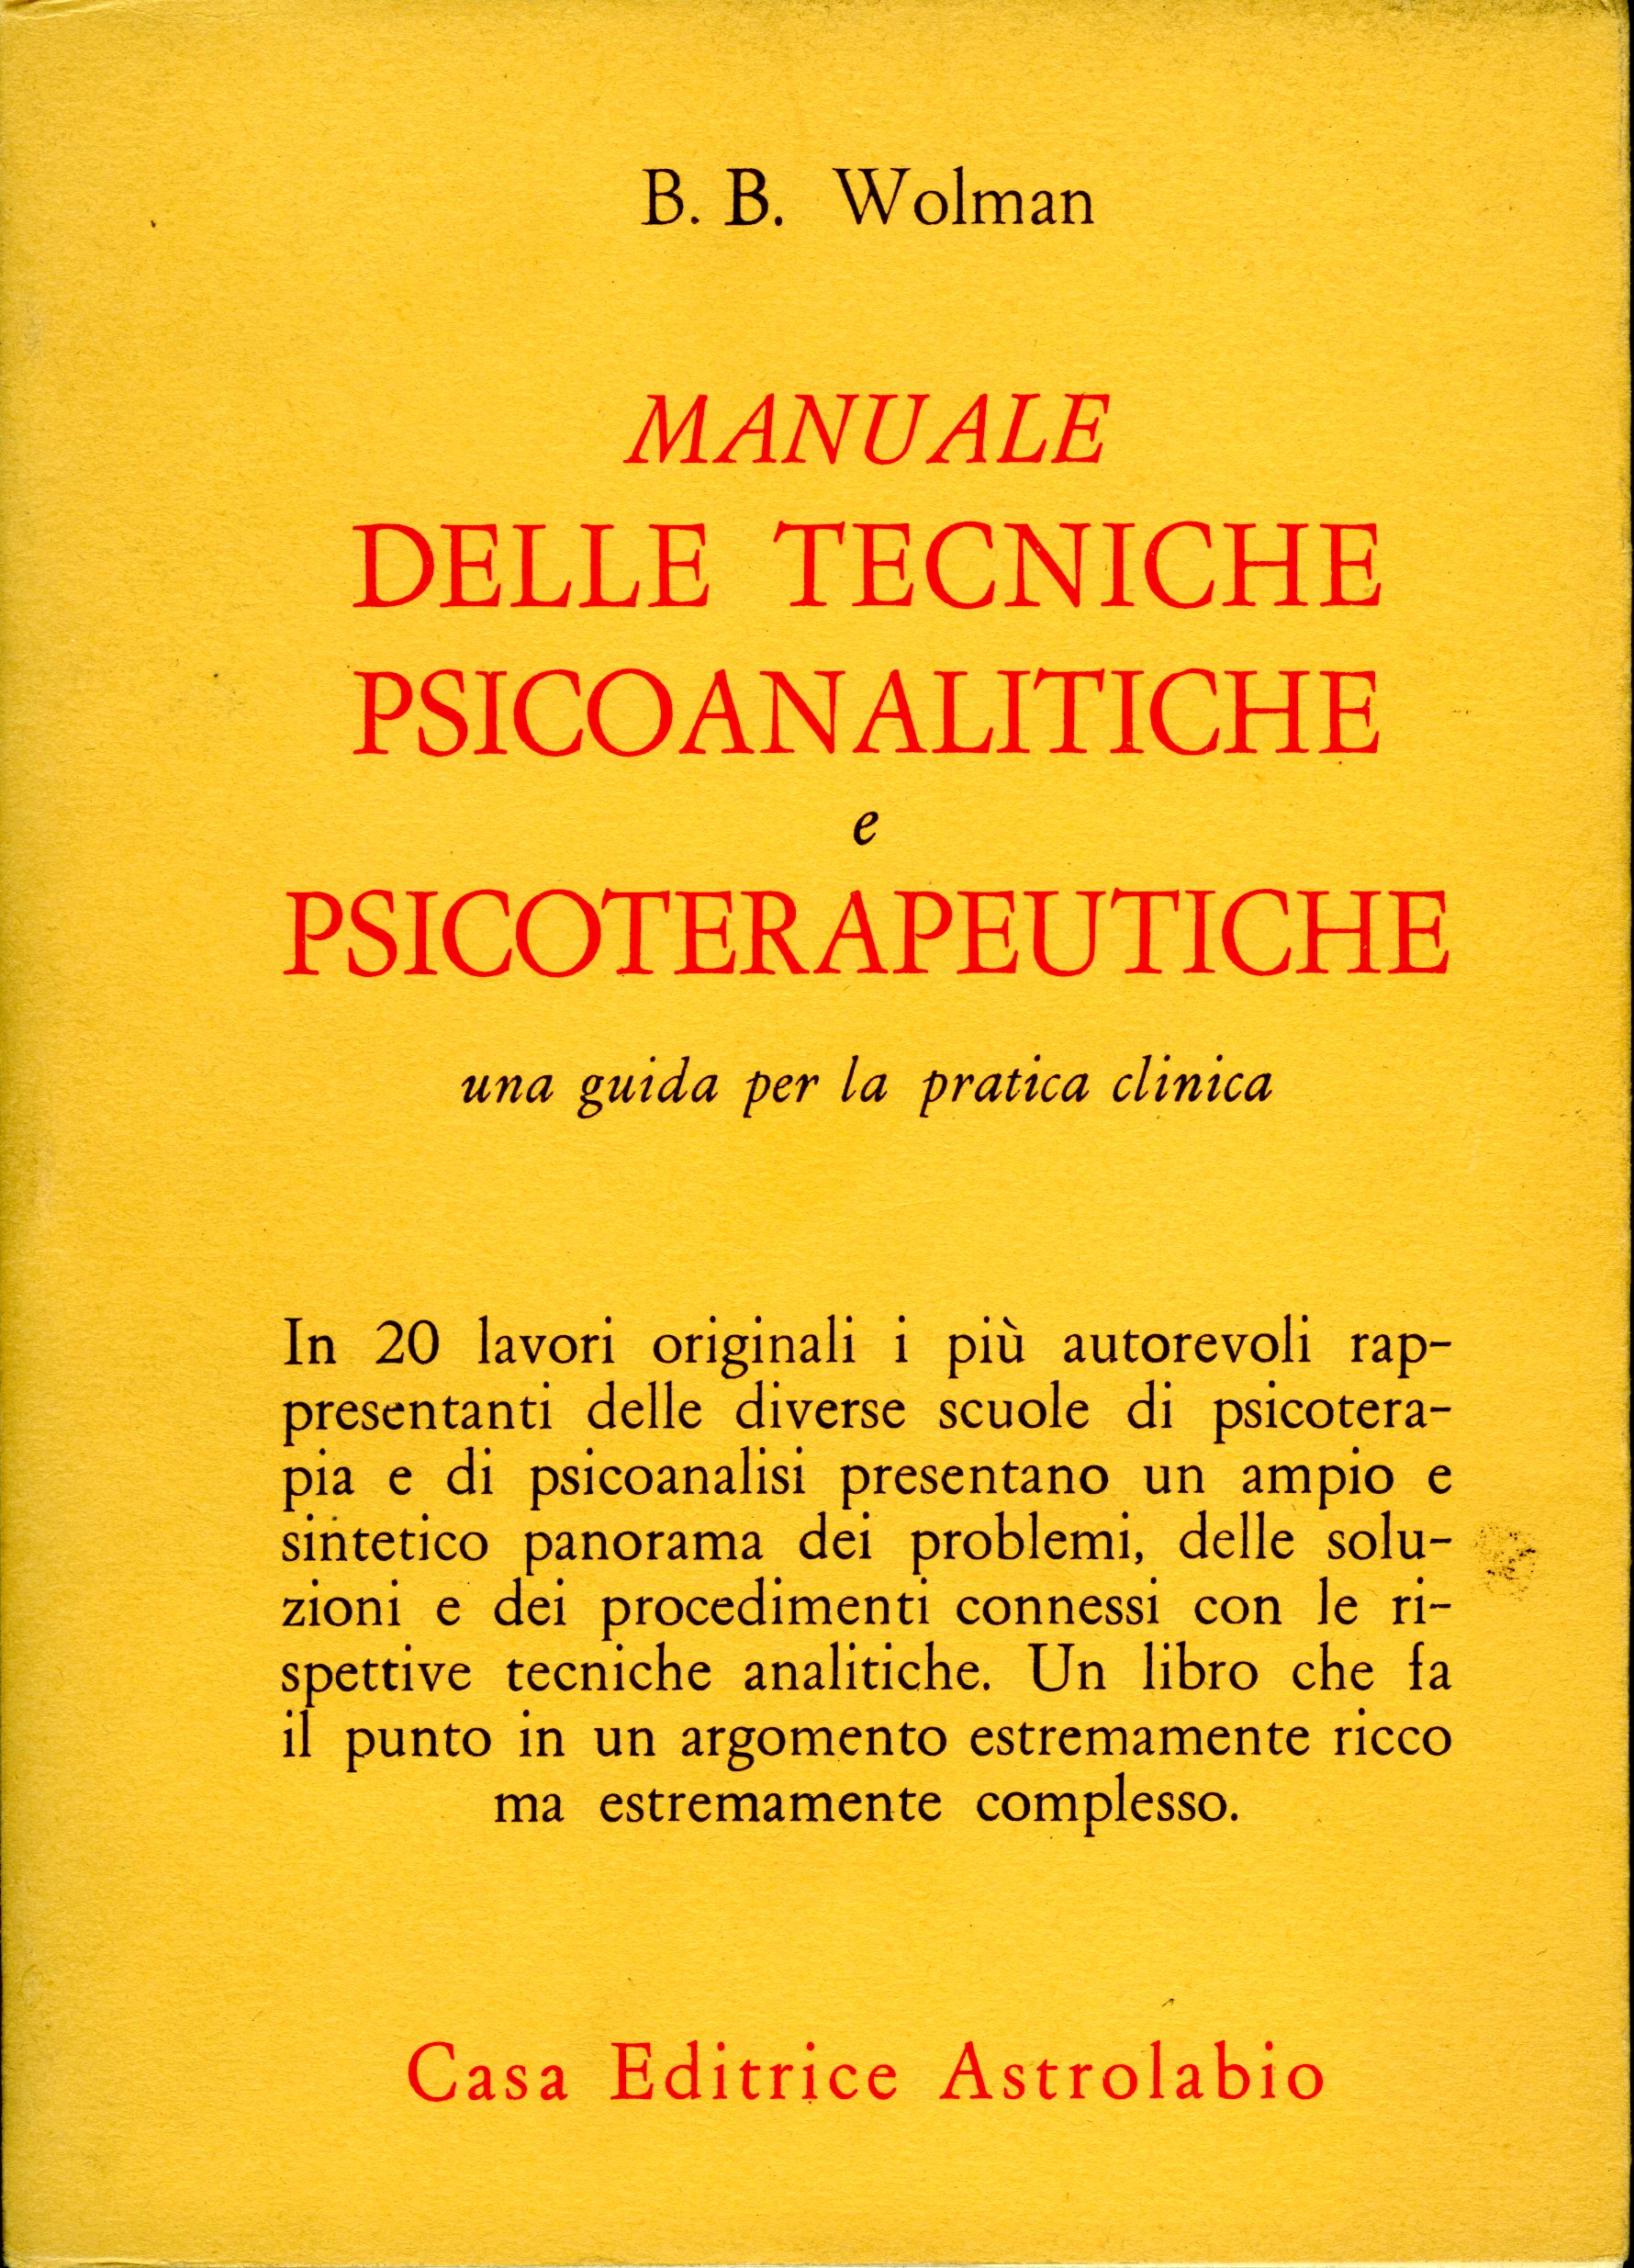 Manuale delle tecniche psicoanalitiche e psicoterapeutiche